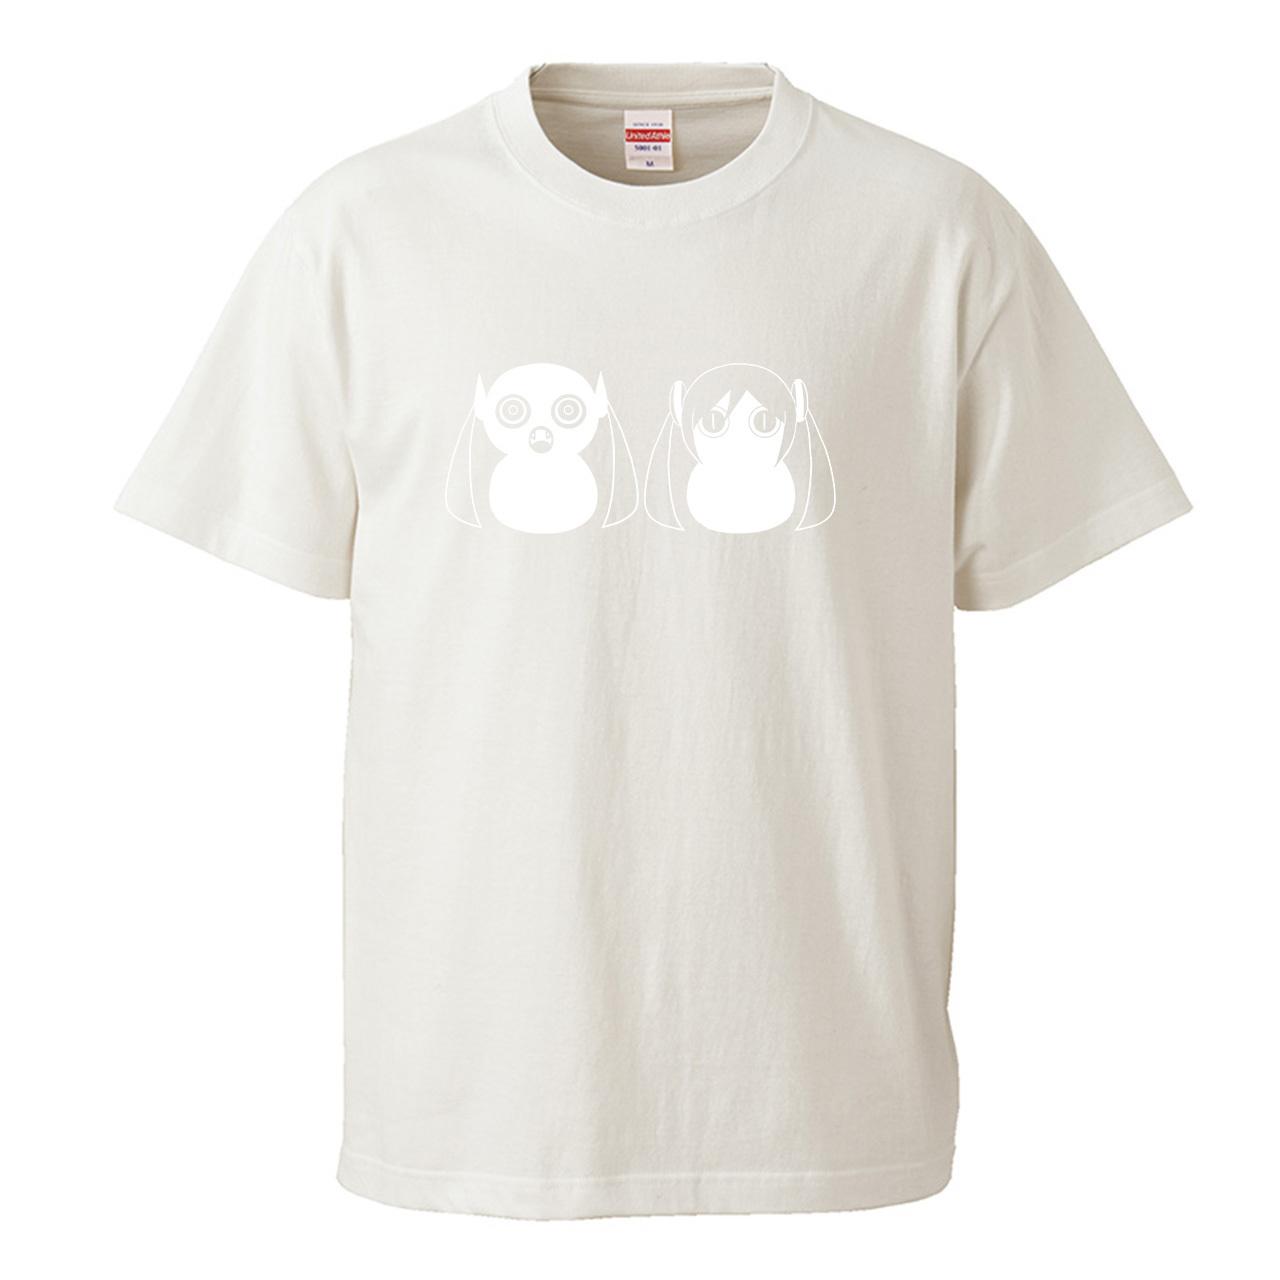 【受注生産再販】ピノキオピー - 八八 -パチパチ-  Tシャツ(バニラホワイト)+ステッカーセット - 画像1